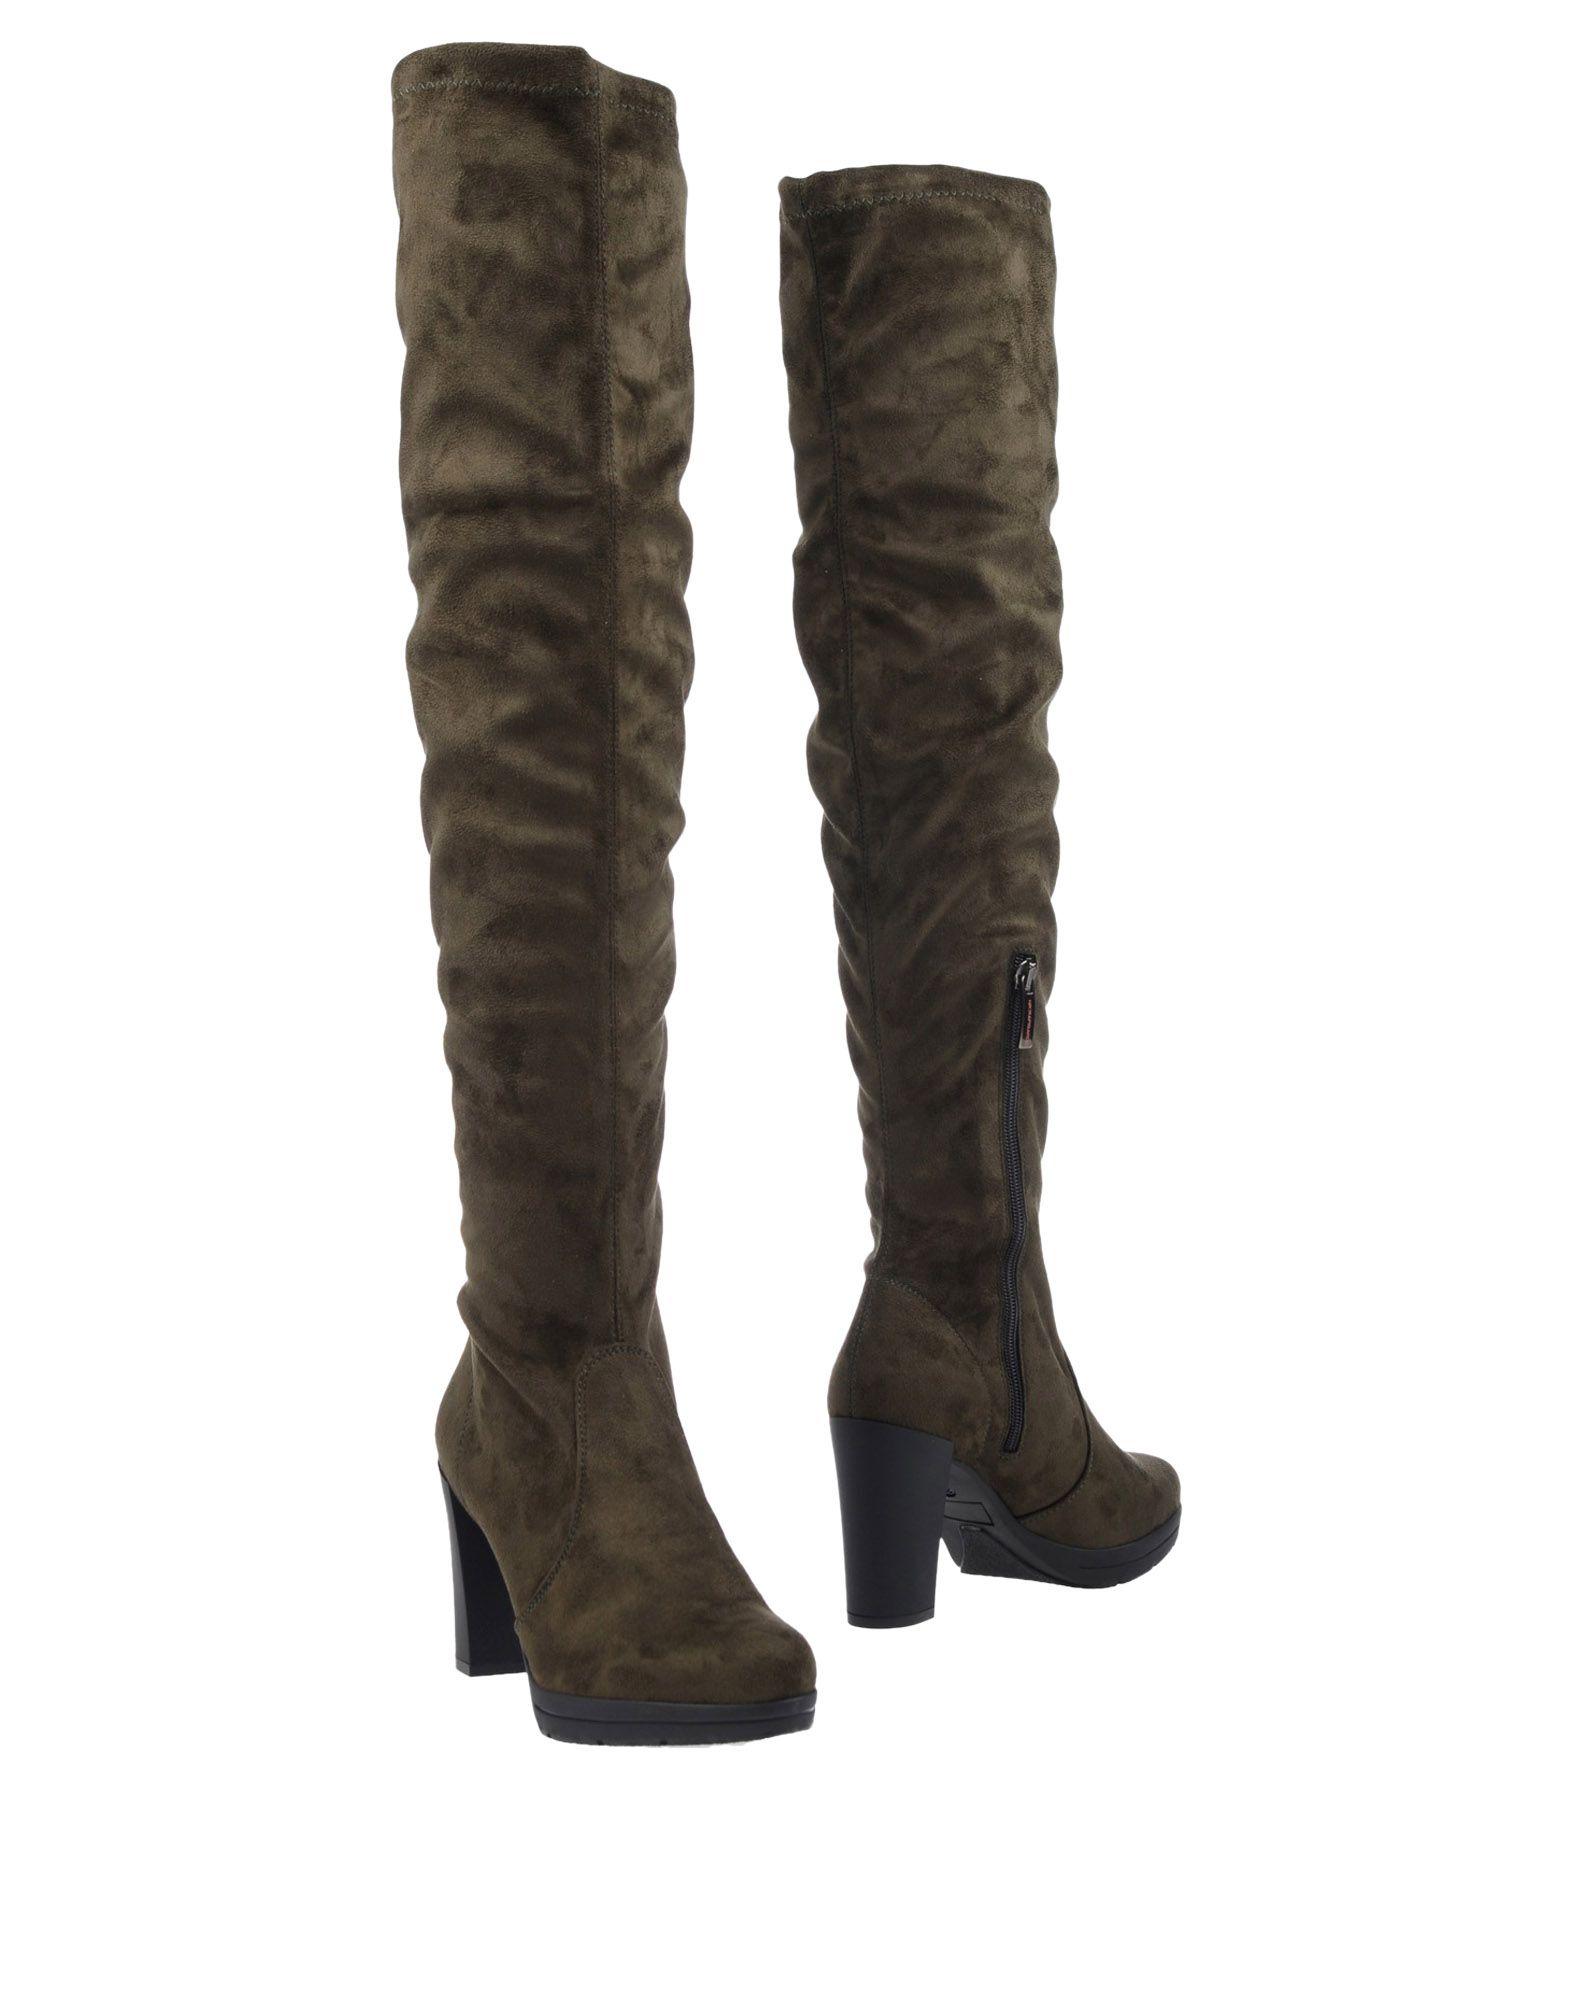 Nr Rapisardi Boots Boots - Women Nr Rapisardi Boots Boots online on  United Kingdom - 11281849DI 48fb34